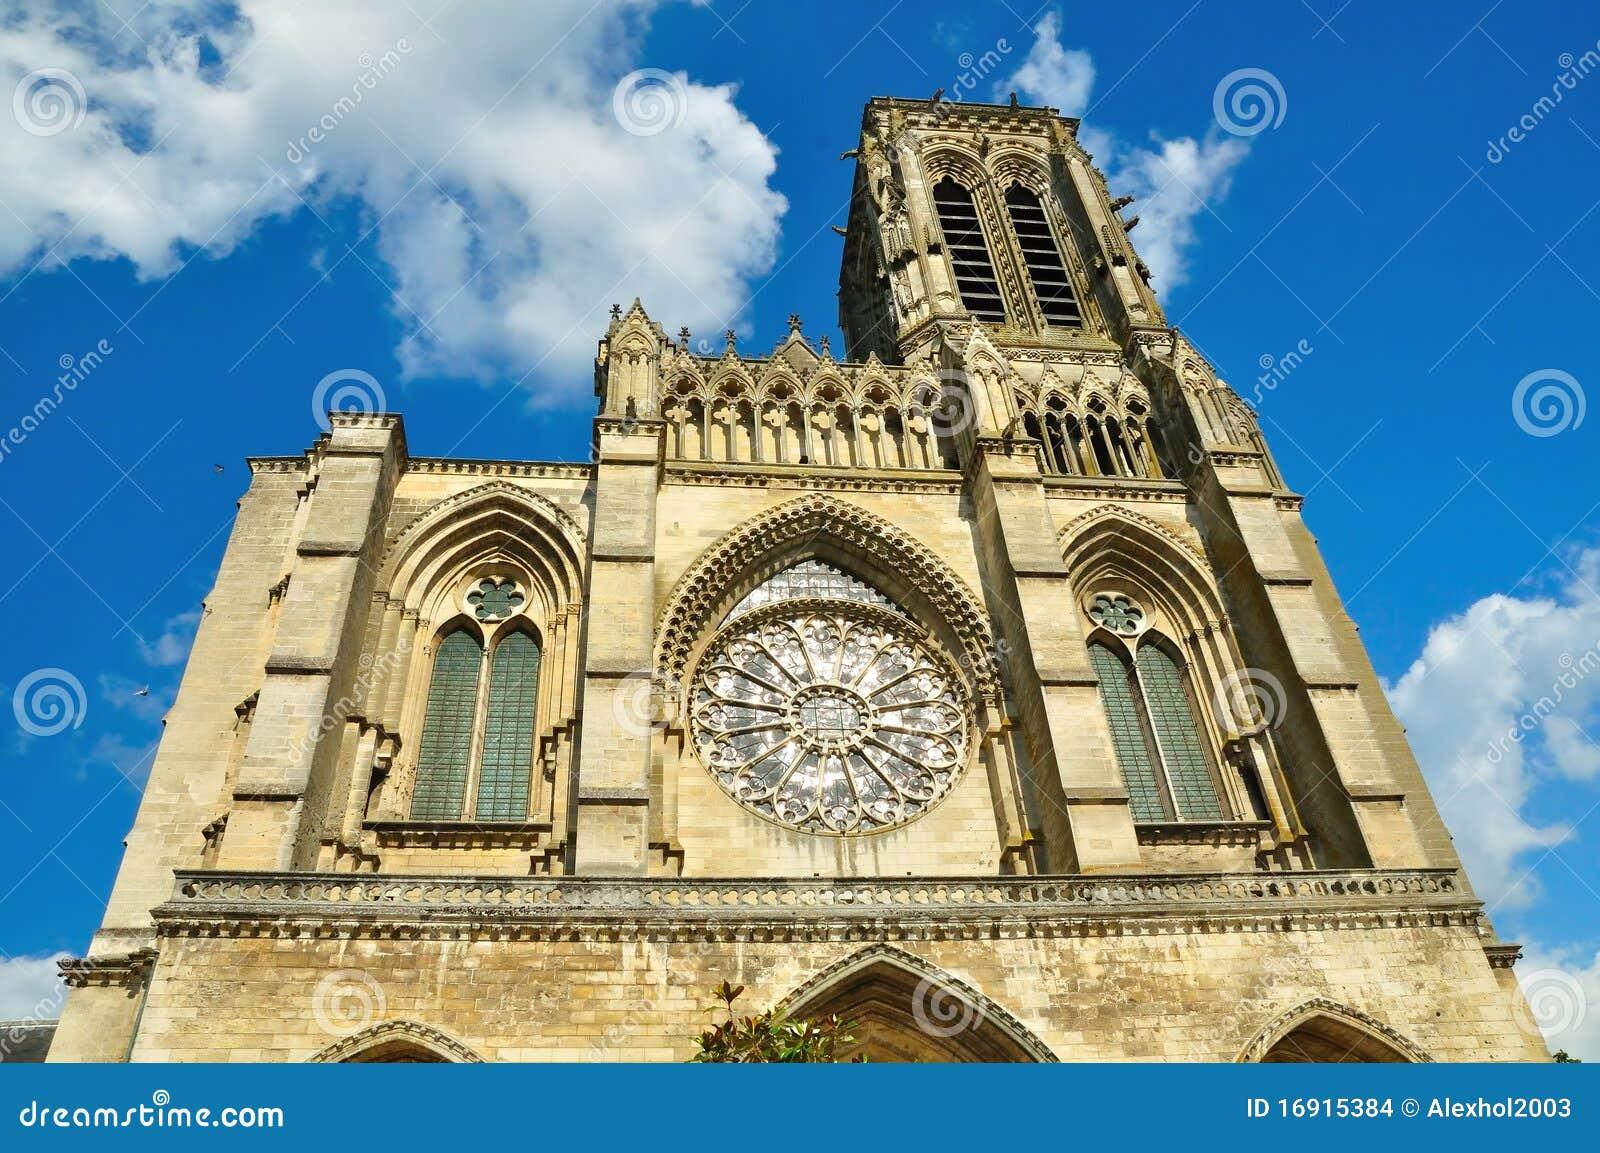 vista frontale della cattedrale di soissons immagini stock immagine 16915384. Black Bedroom Furniture Sets. Home Design Ideas